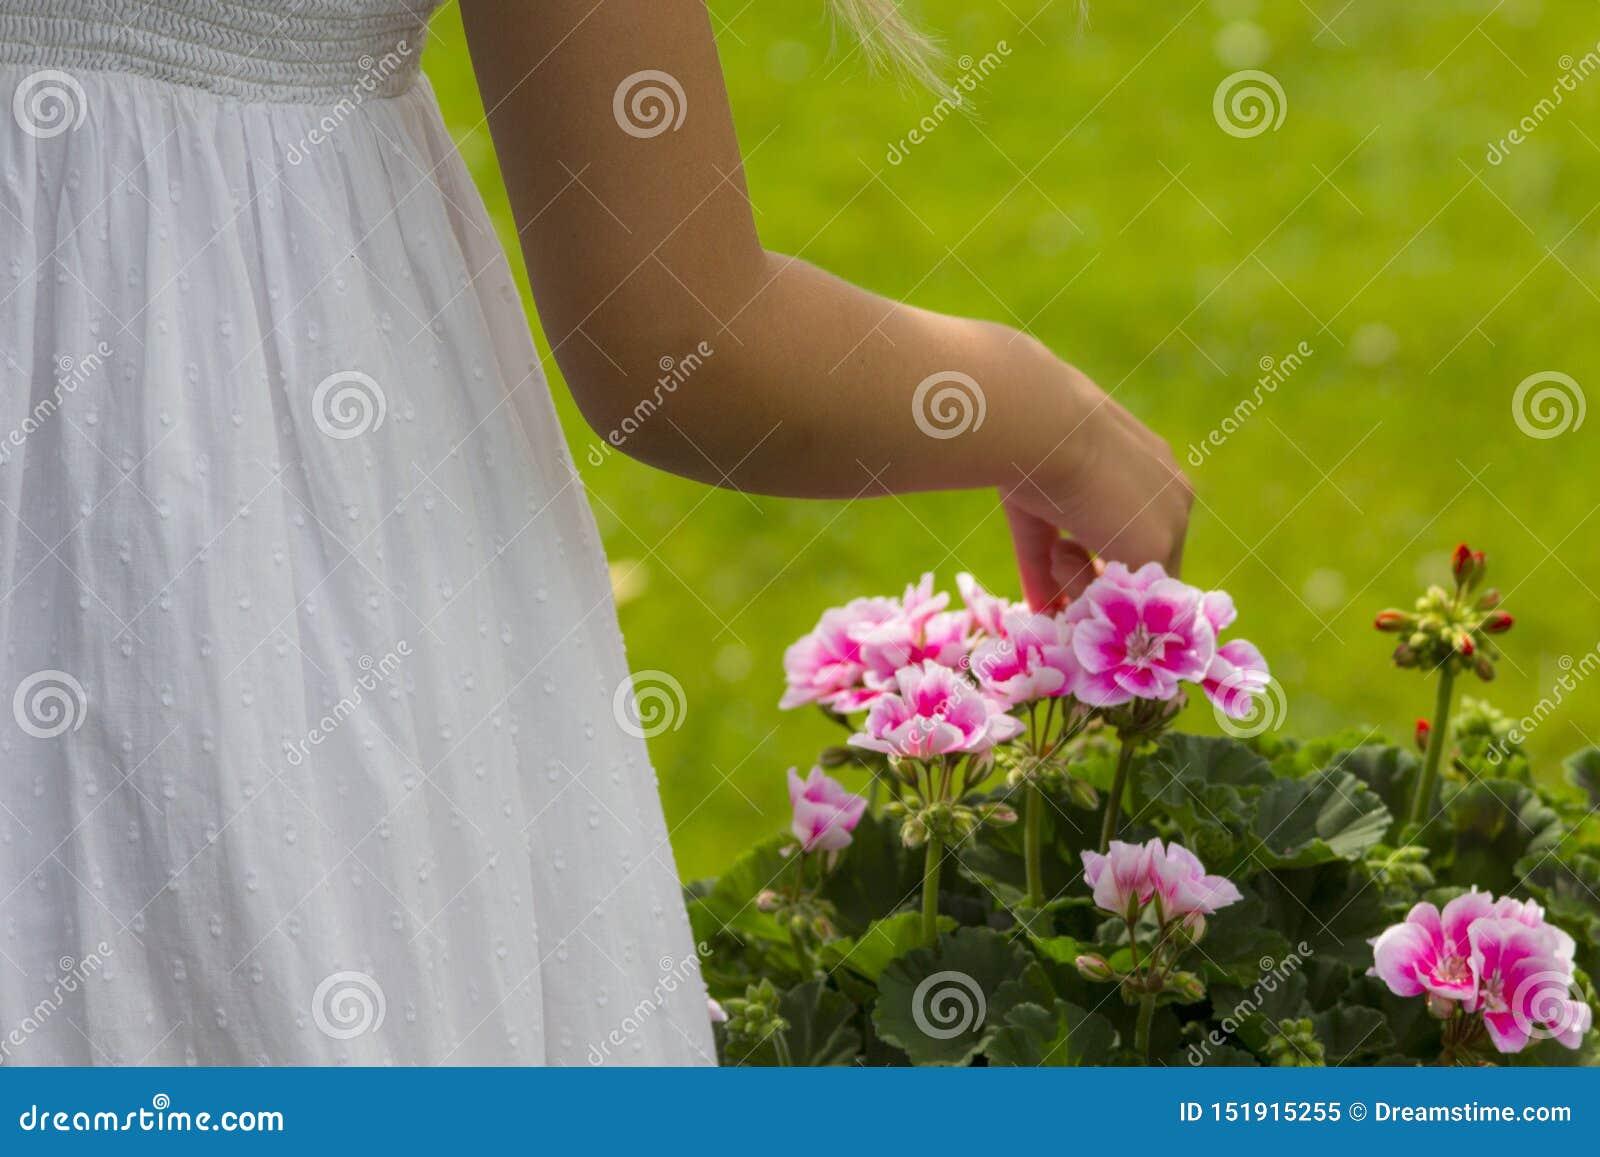 Dziewczyna w zrywania smokingowych kwiatach